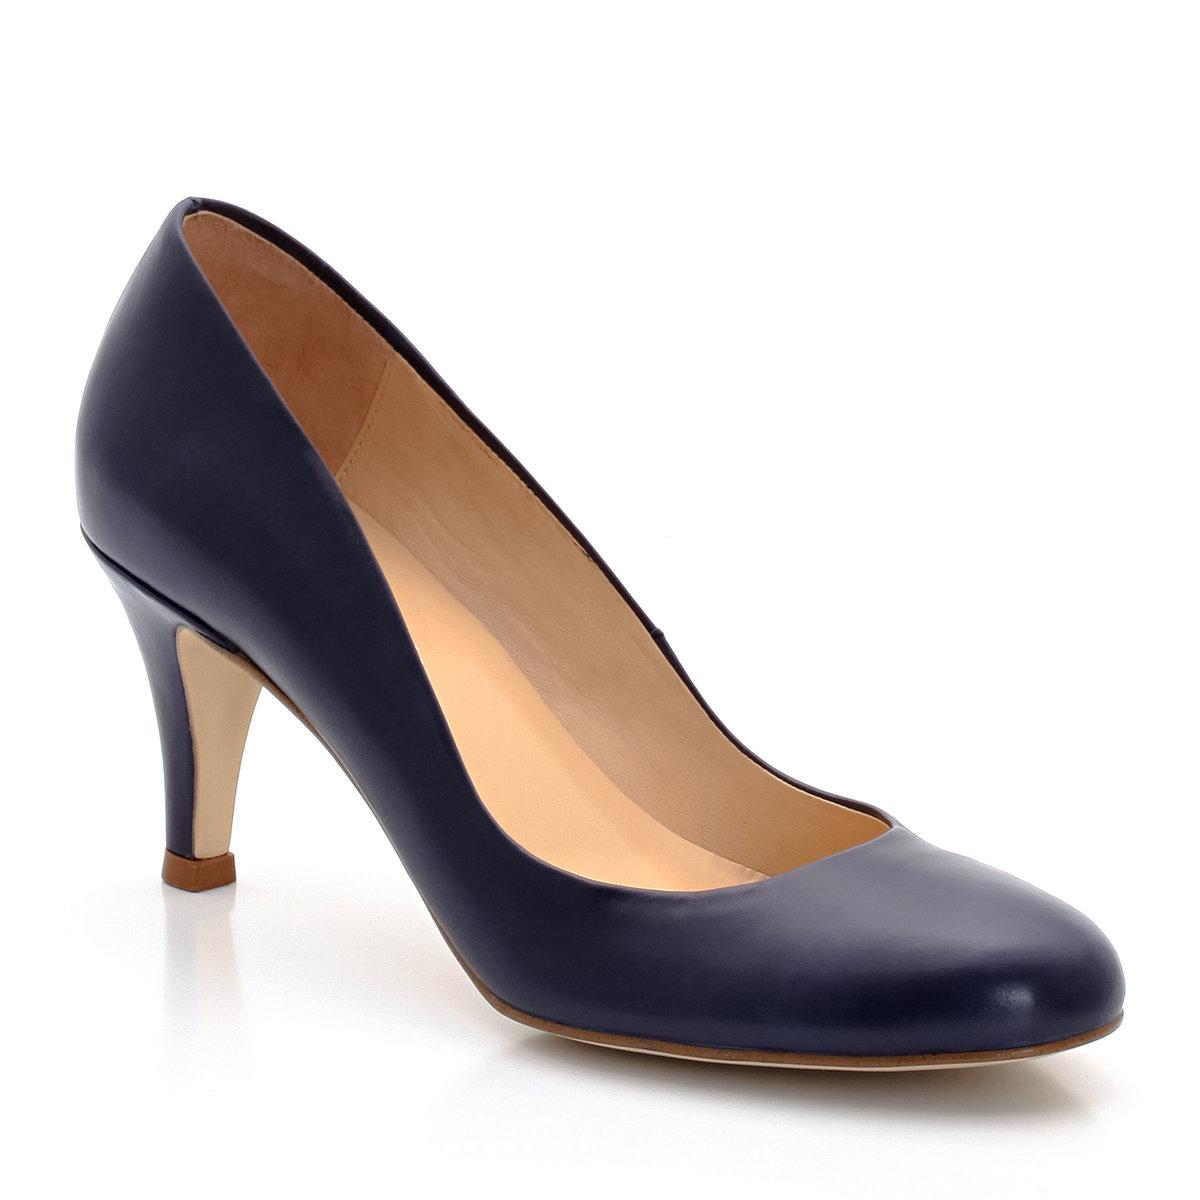 Туфли на каблукеБренд: JONAK. Верх: коровья кожа. Подкладка: кожа. Стелька: кожа. Подошва: эластомер. Высота каблука: 6 см<br><br>Цвет: каштаново-серый,темно-синий<br>Размер: 37